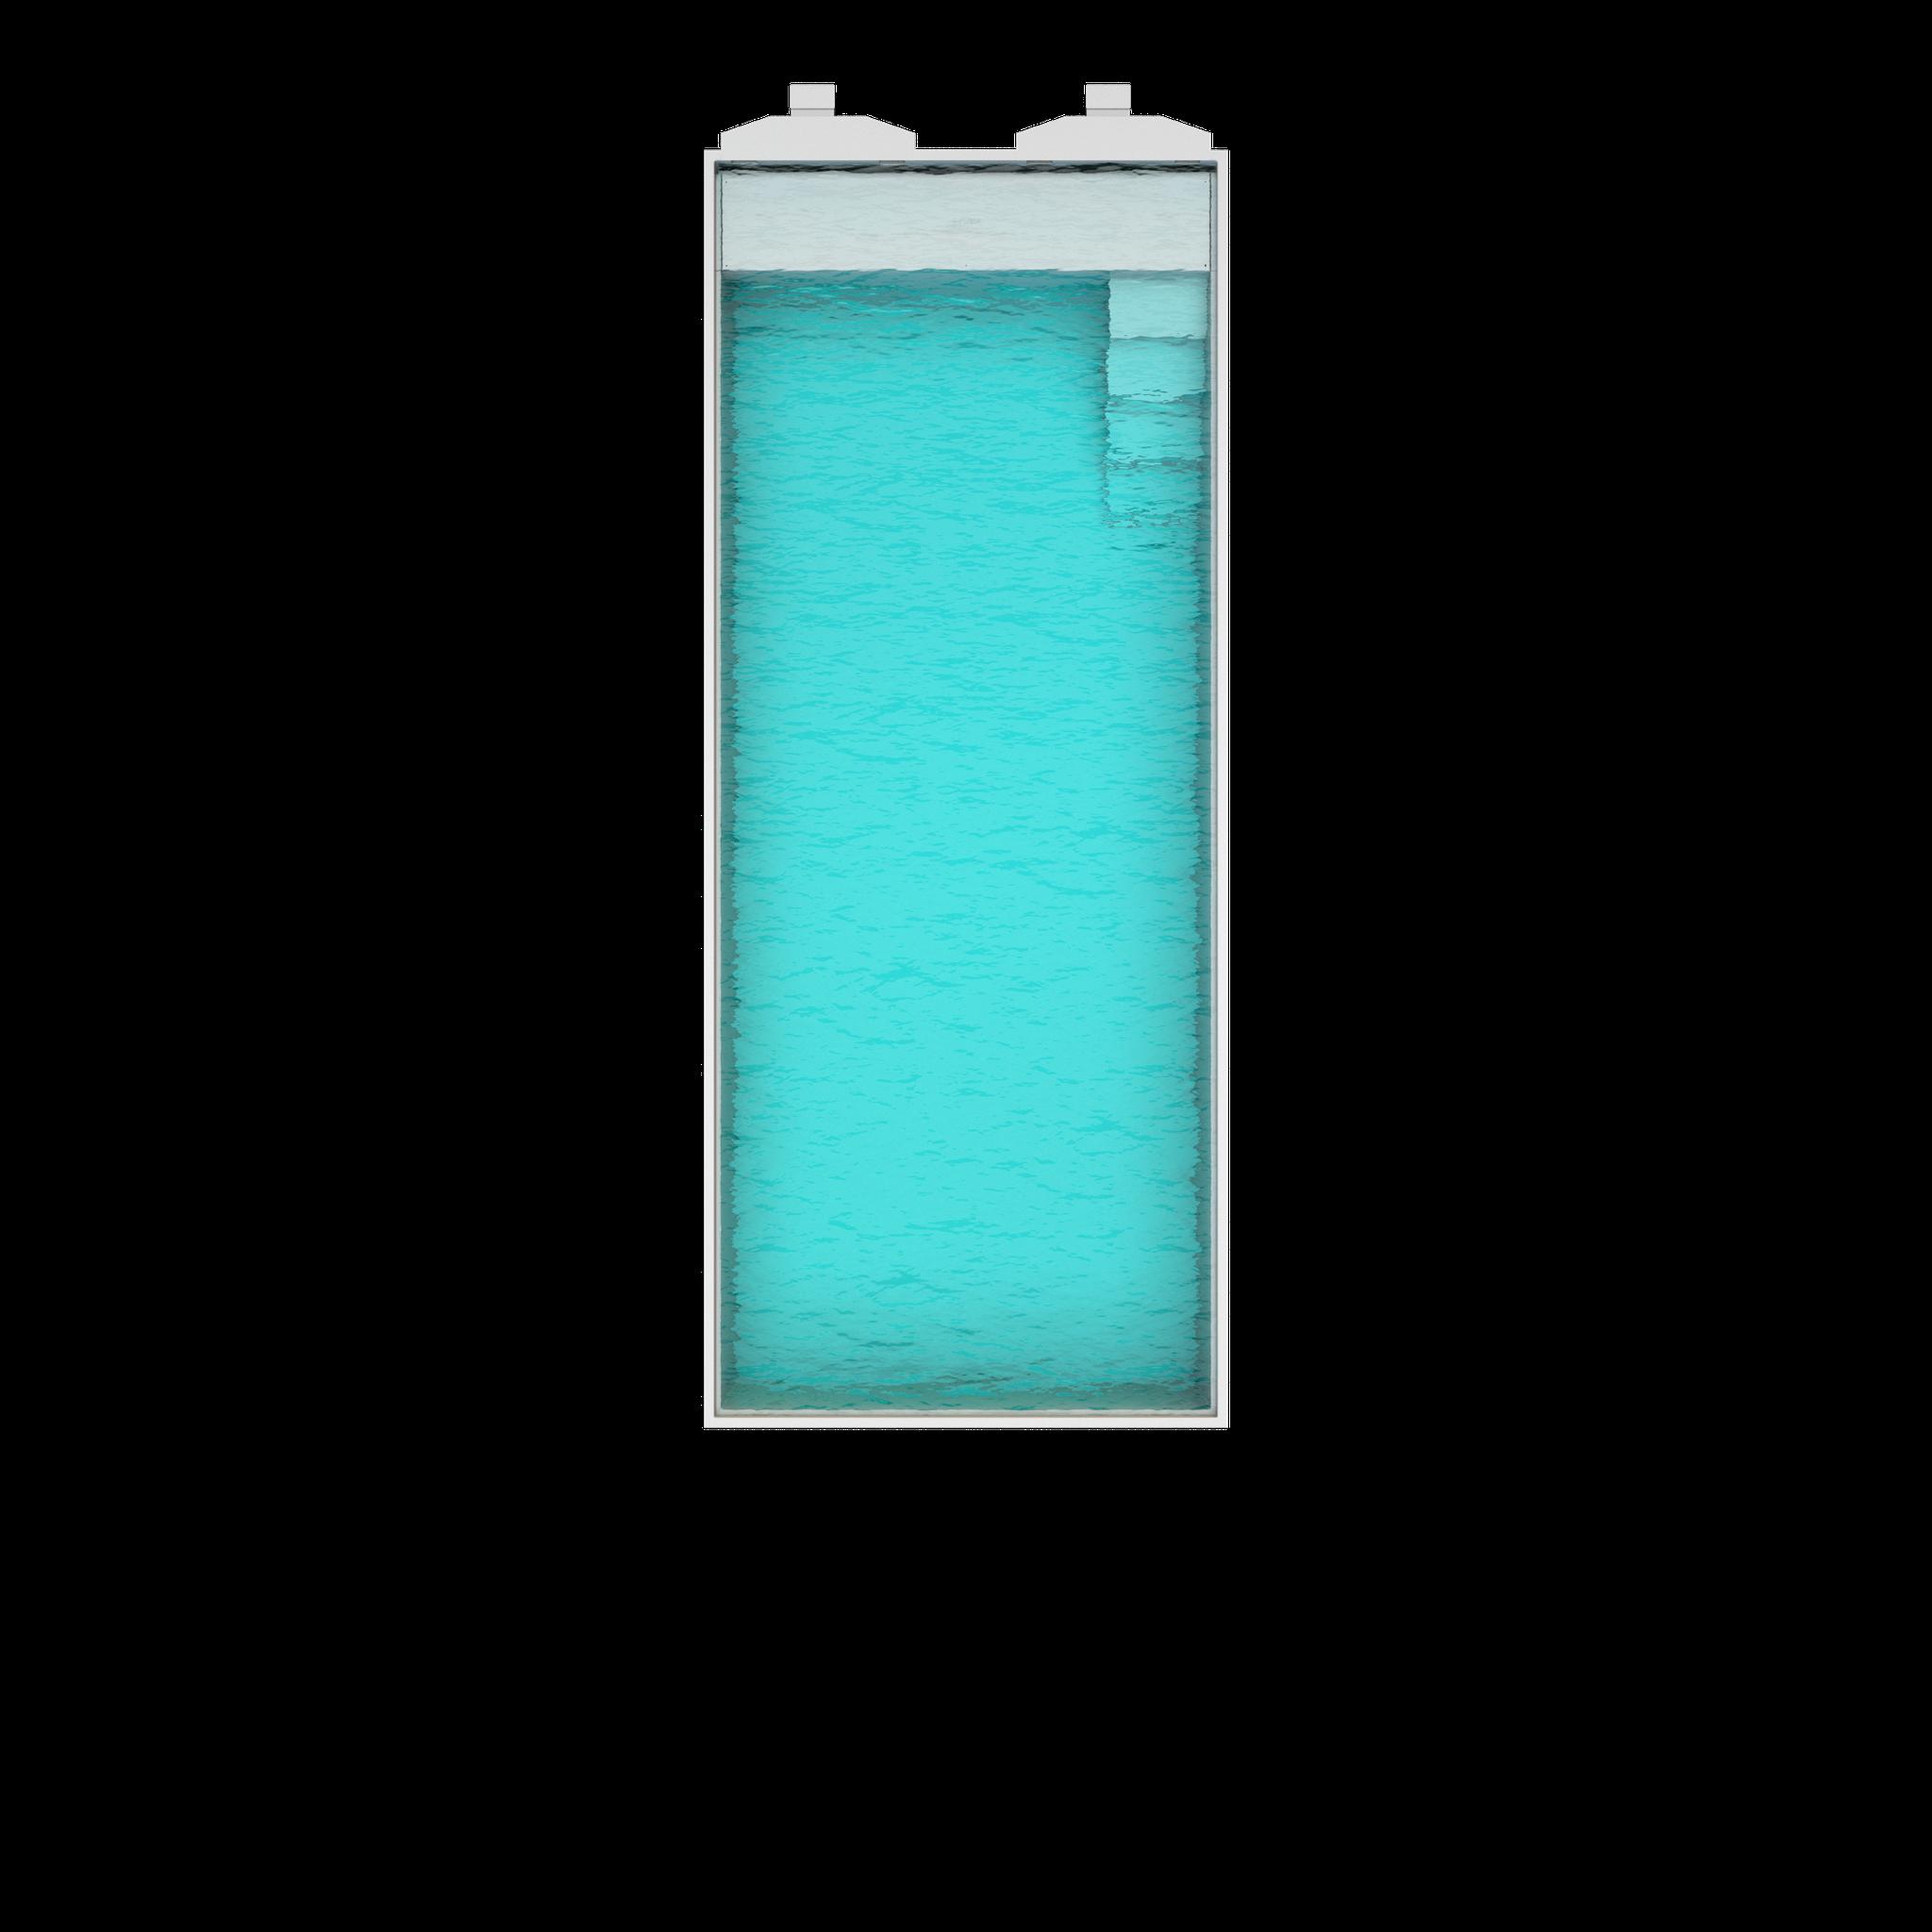 Nova 100  Länge : 10m | Breite : 4,10m | Tiefe : 1,55m Inhalt: 57000 liter